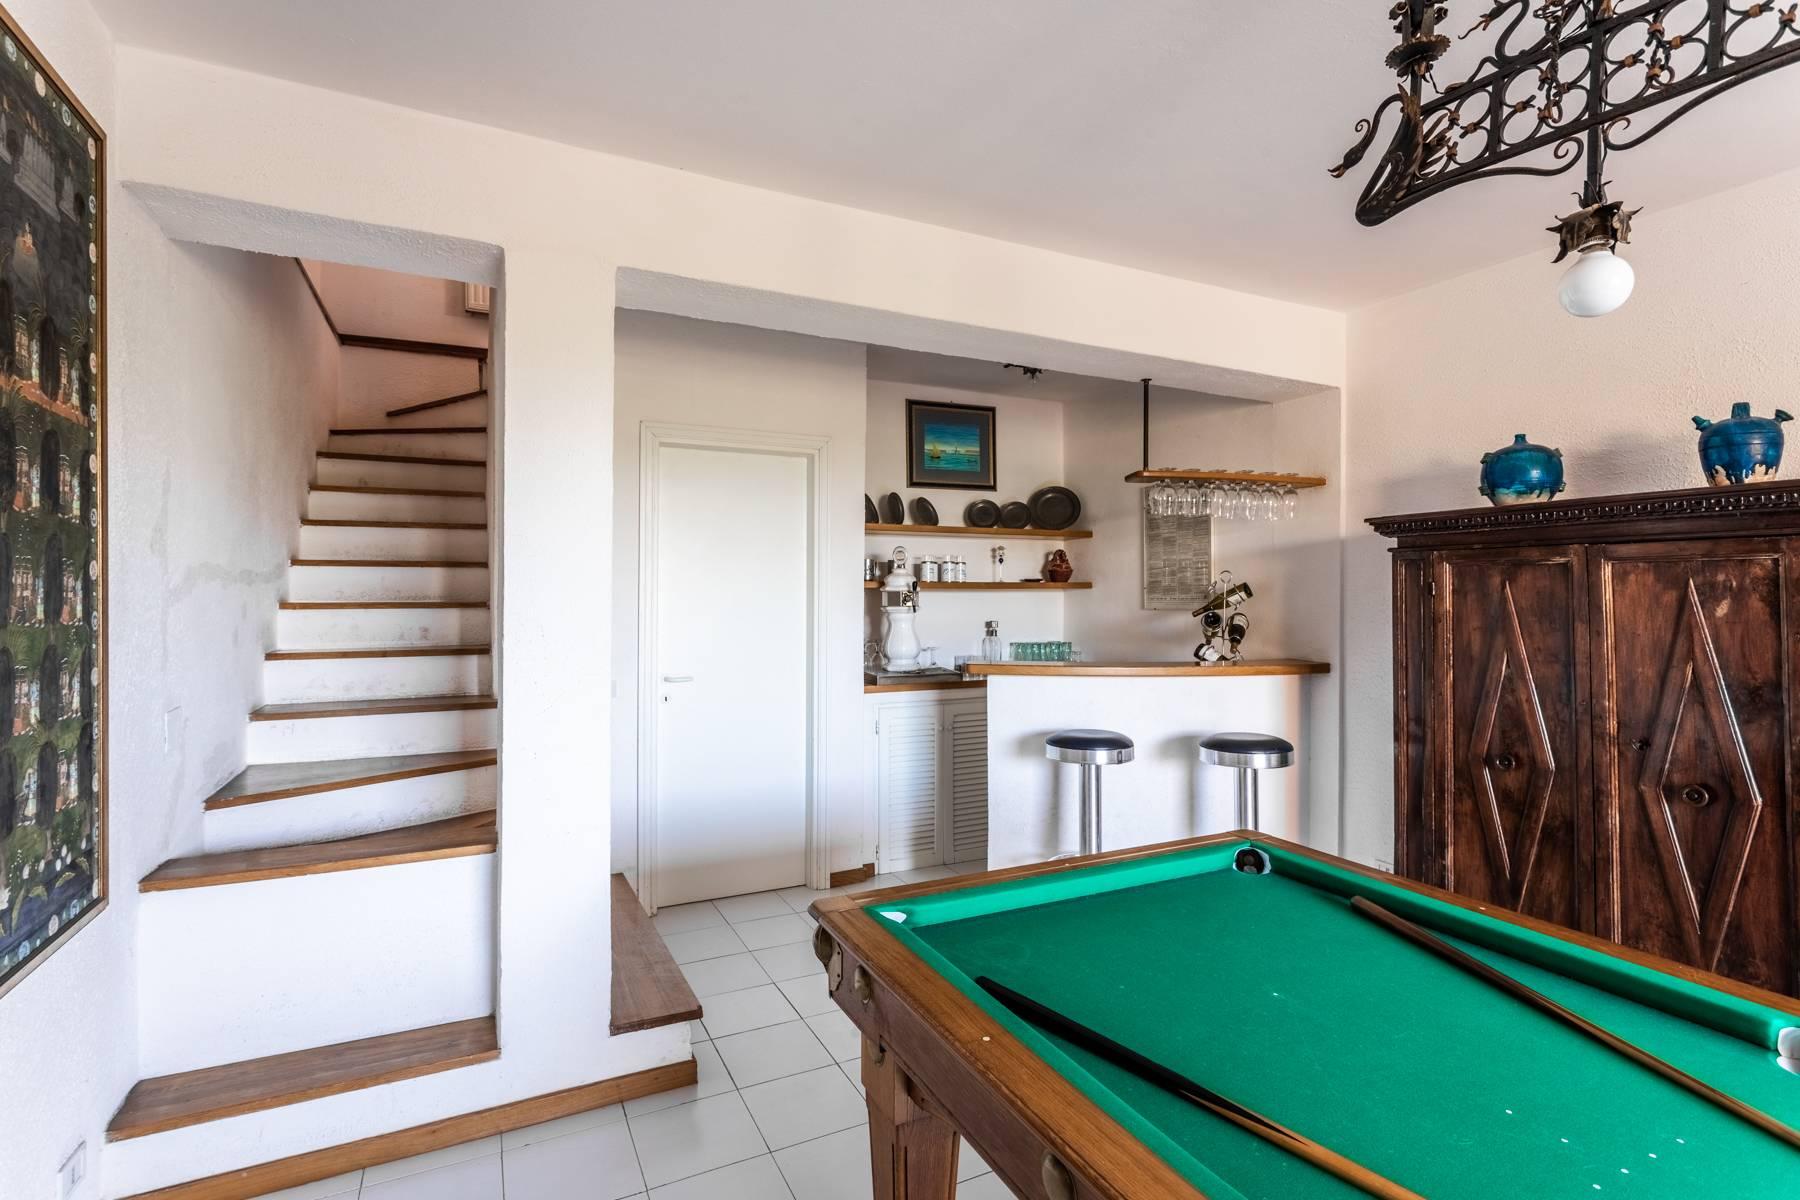 Casa indipendente in Vendita a Monte Argentario: 5 locali, 200 mq - Foto 21